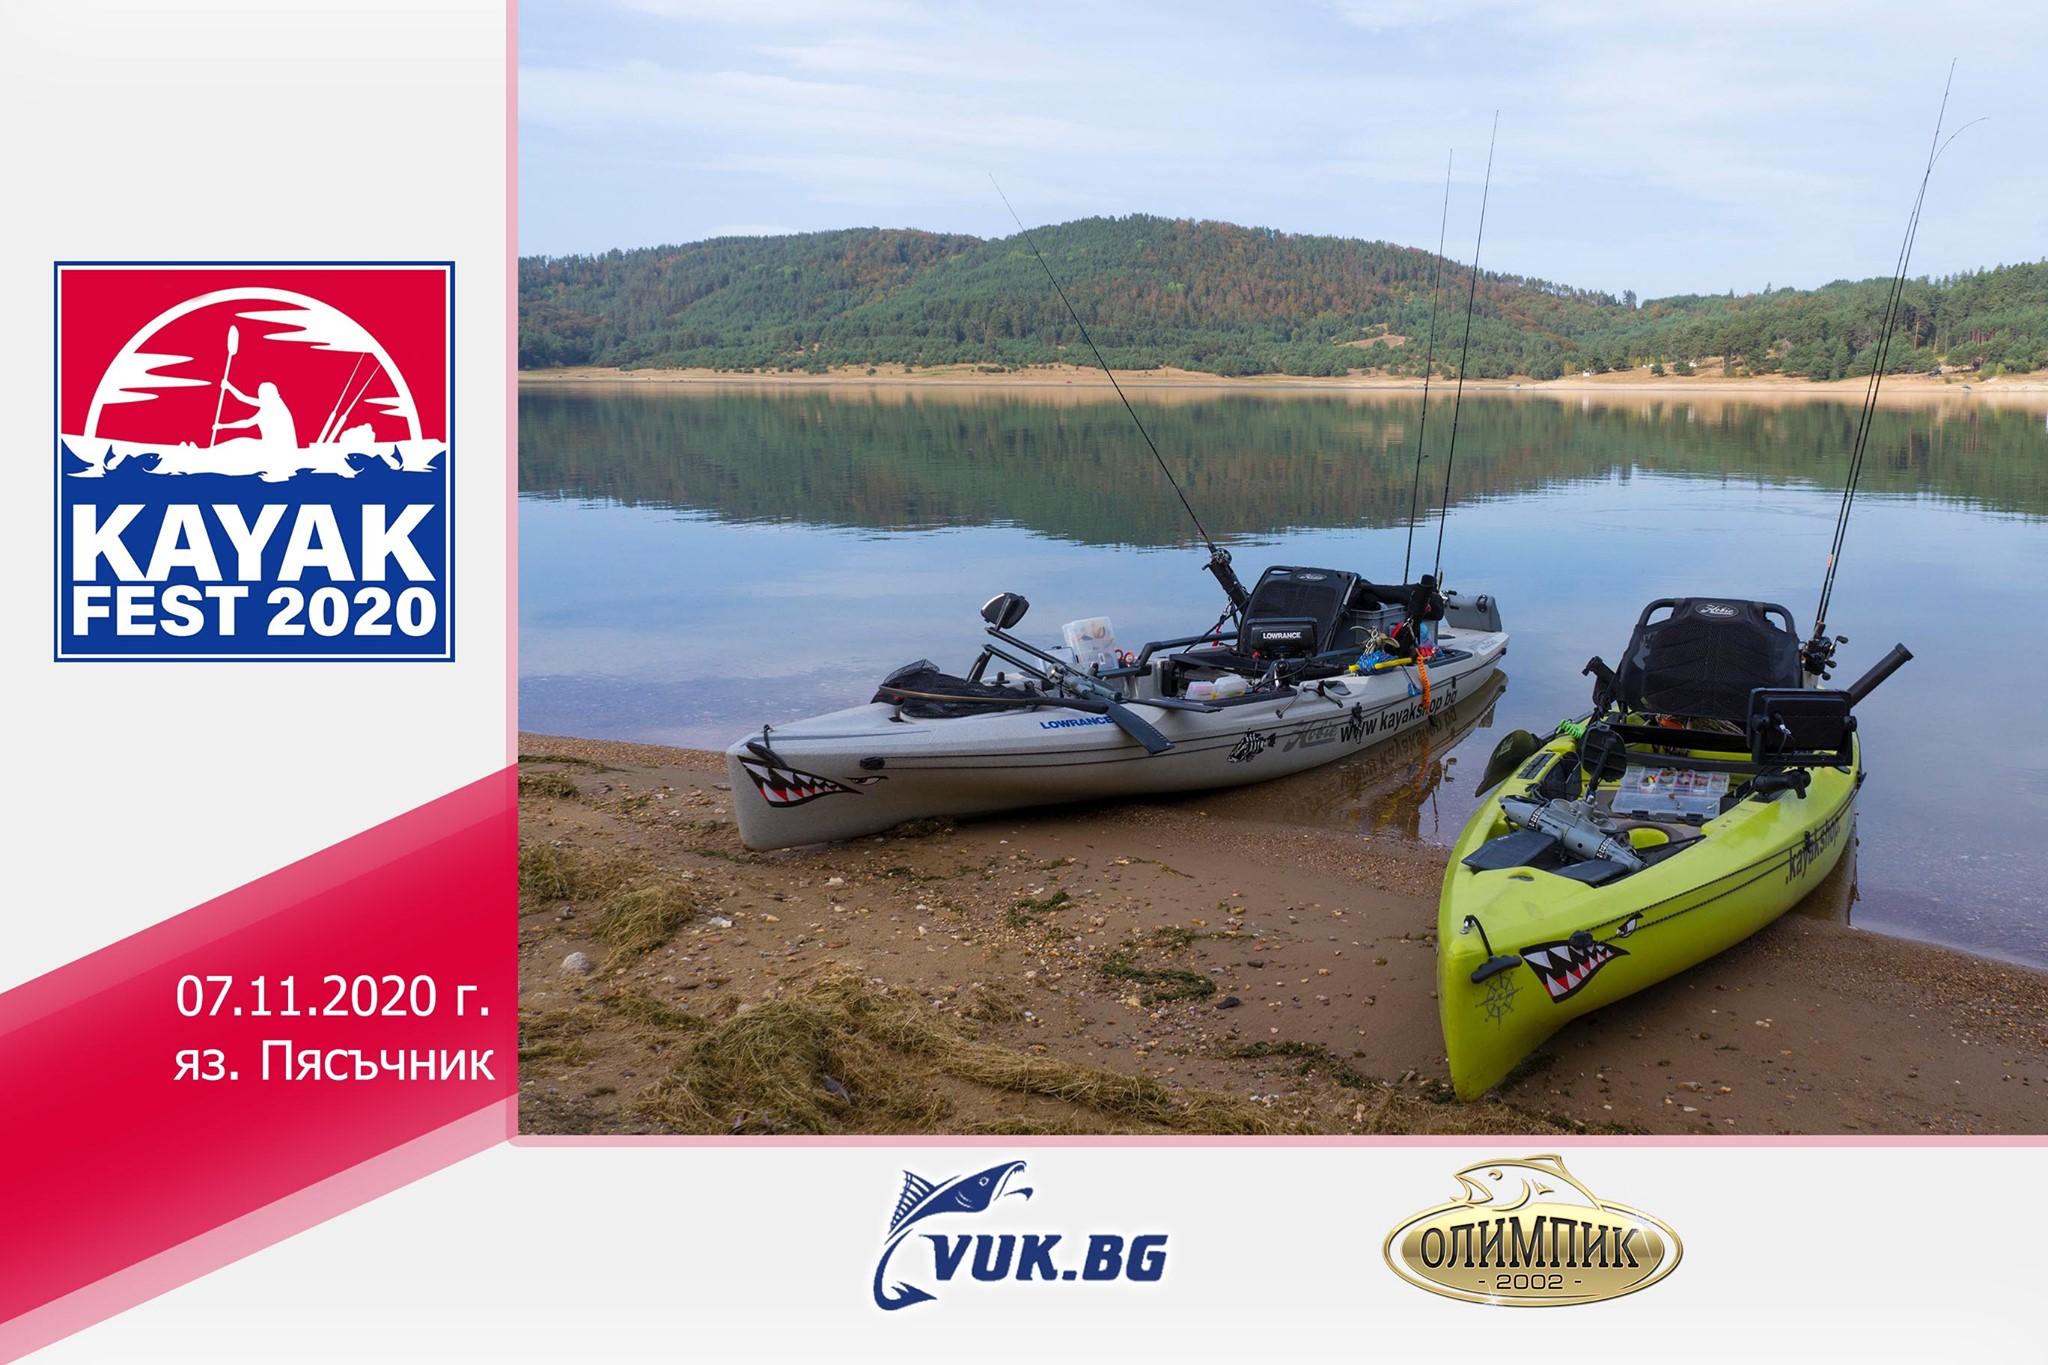 Kayak Fest Пясъчник 2020 (организация и регламент)